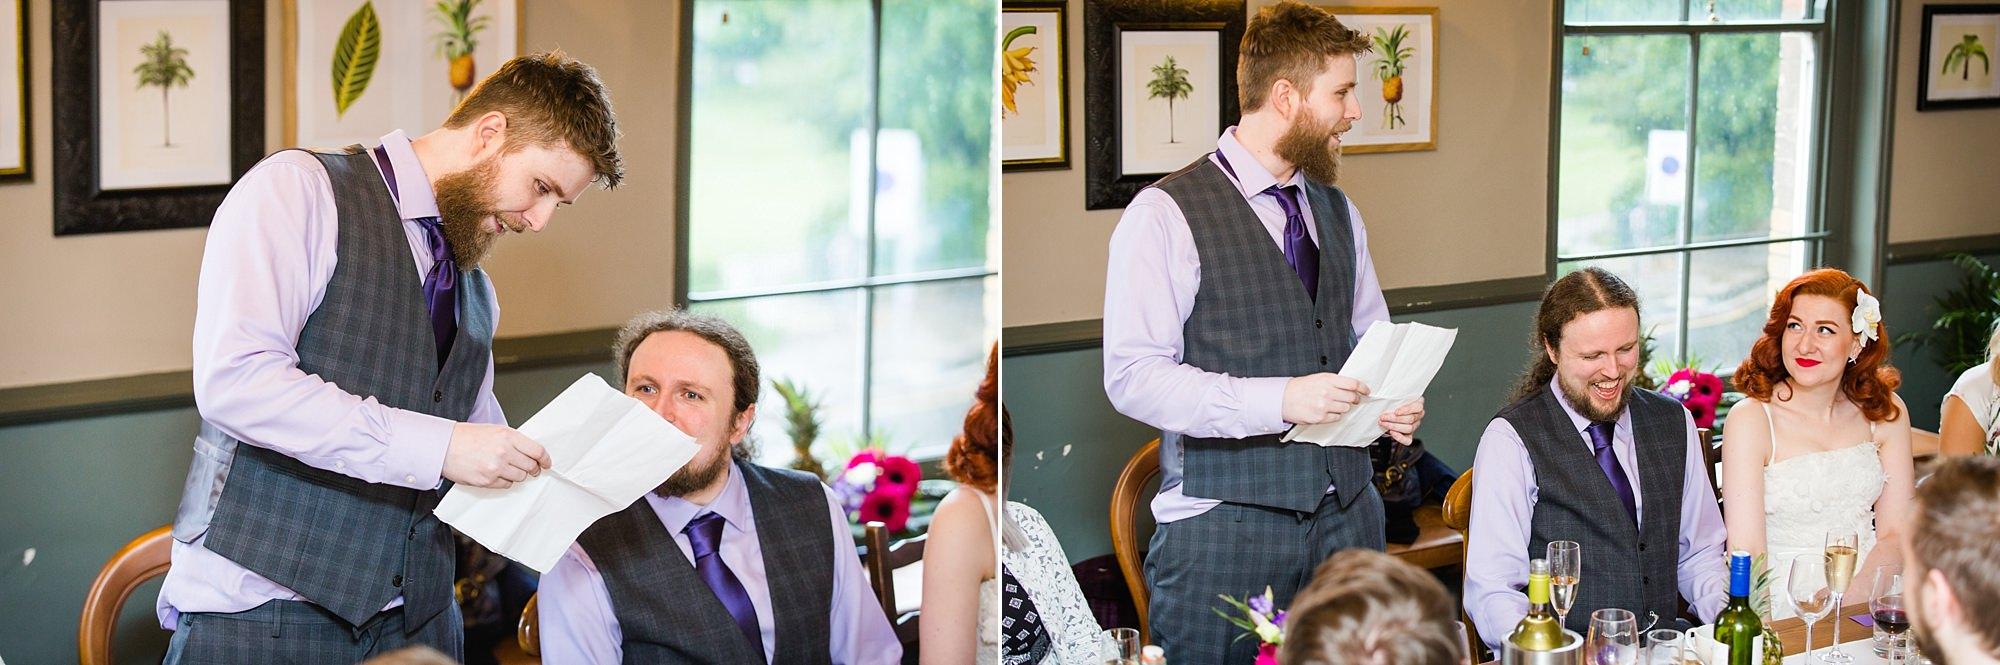 The Grange Ealing wedding fun best man speech